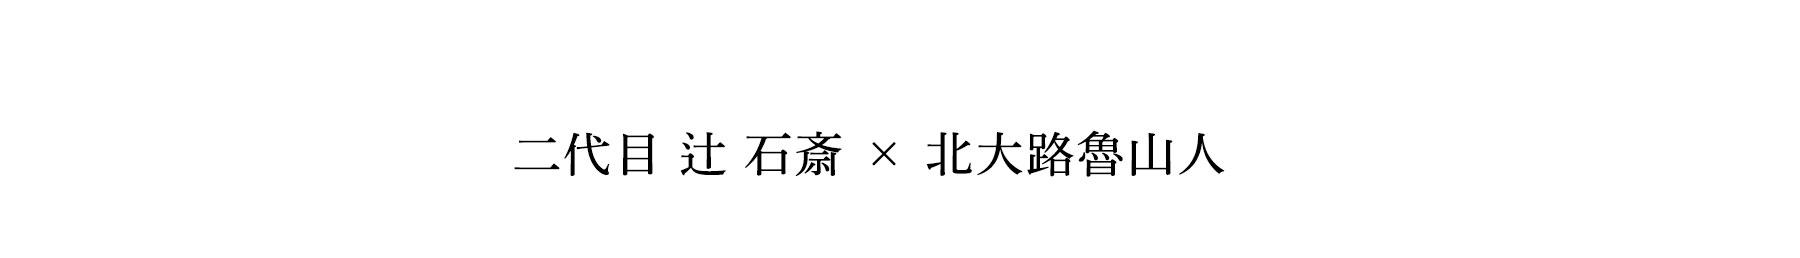 二代目 辻 石斎 × 北大路魯山人|蔵出し品